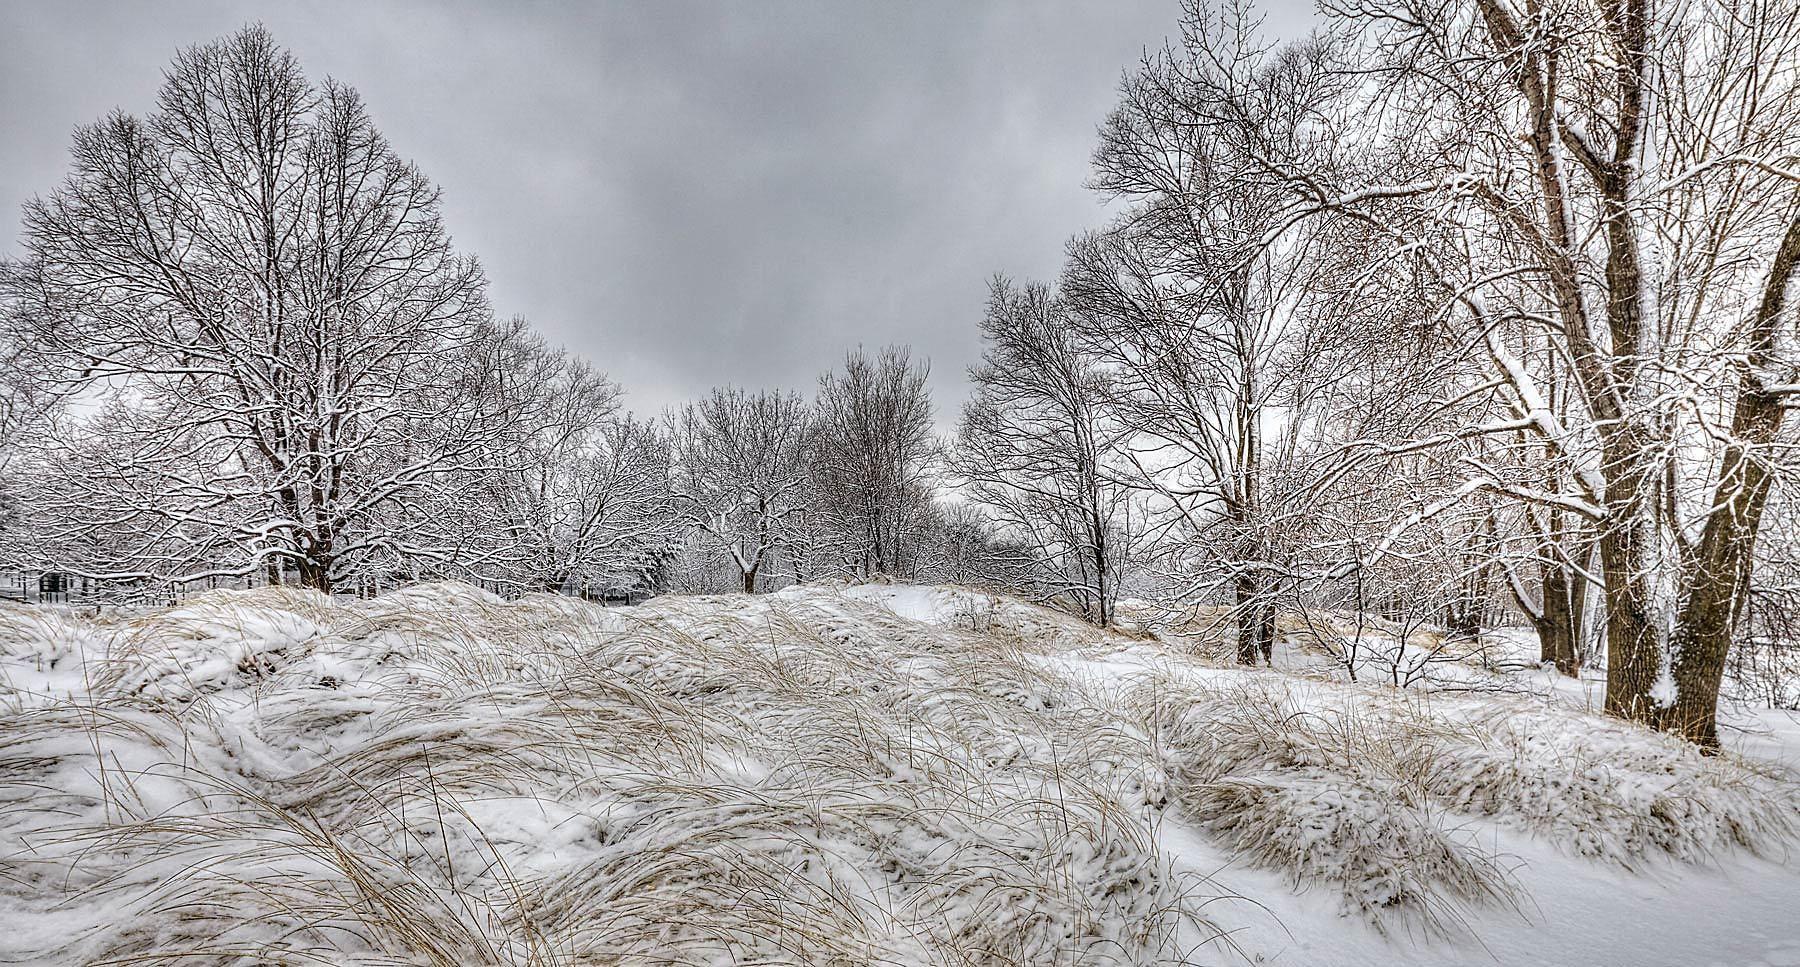 1gilson_park_snow_on_grass_sharpen